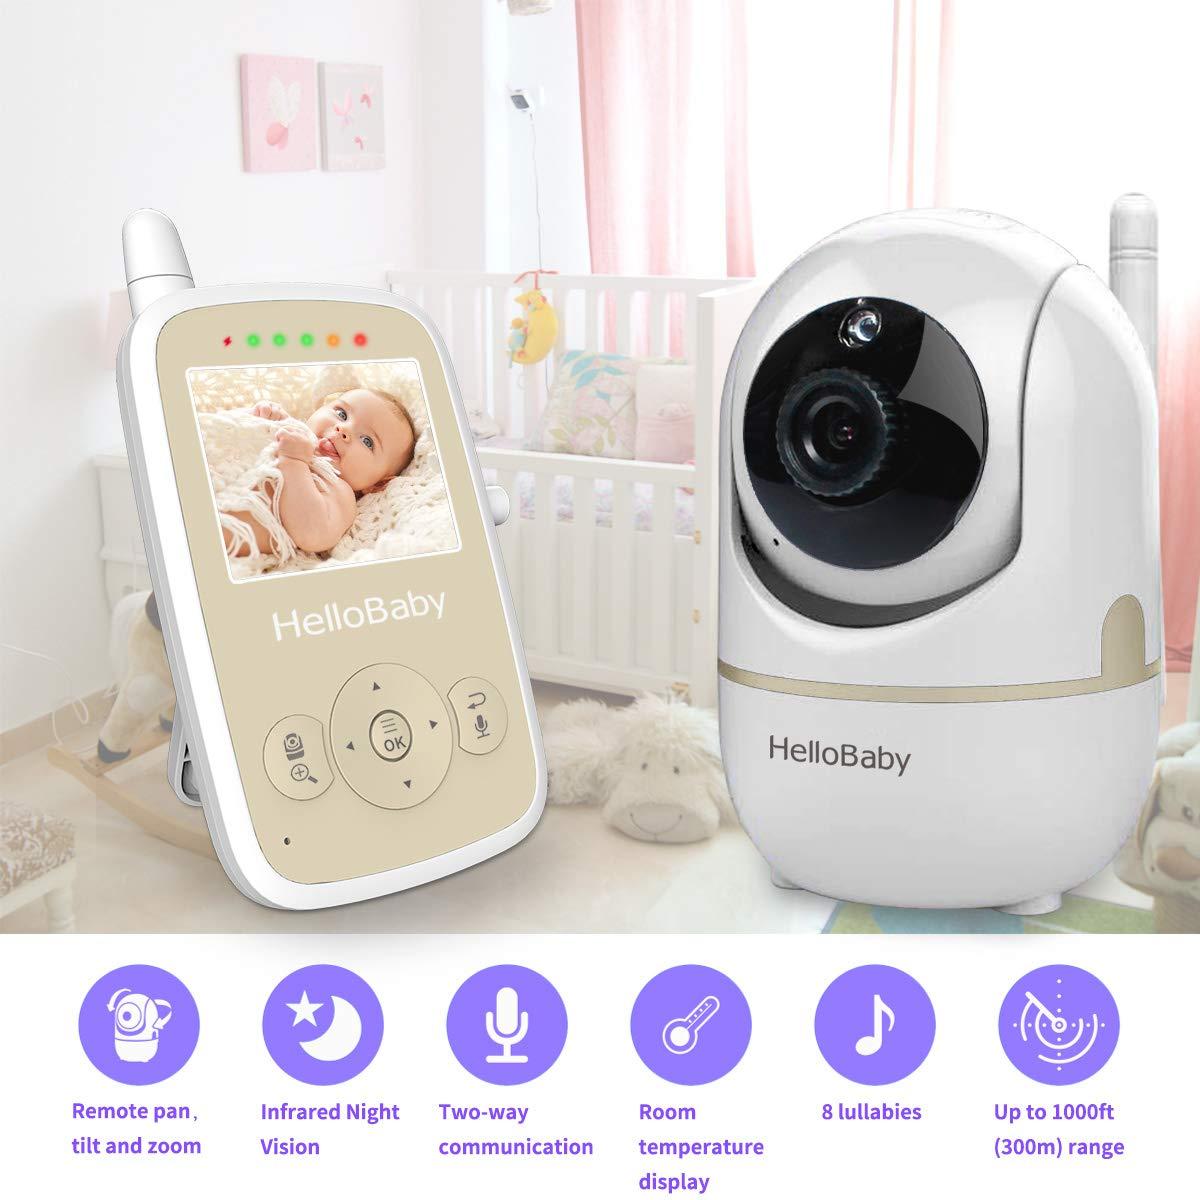 Wandhalterung HelloBaby Video Babyphone mit Fernbedienung Pan-Tilt-Zoom,Temperatur/überwachung HB65 Wiegenlied Zwei-Wege-Audio inkl